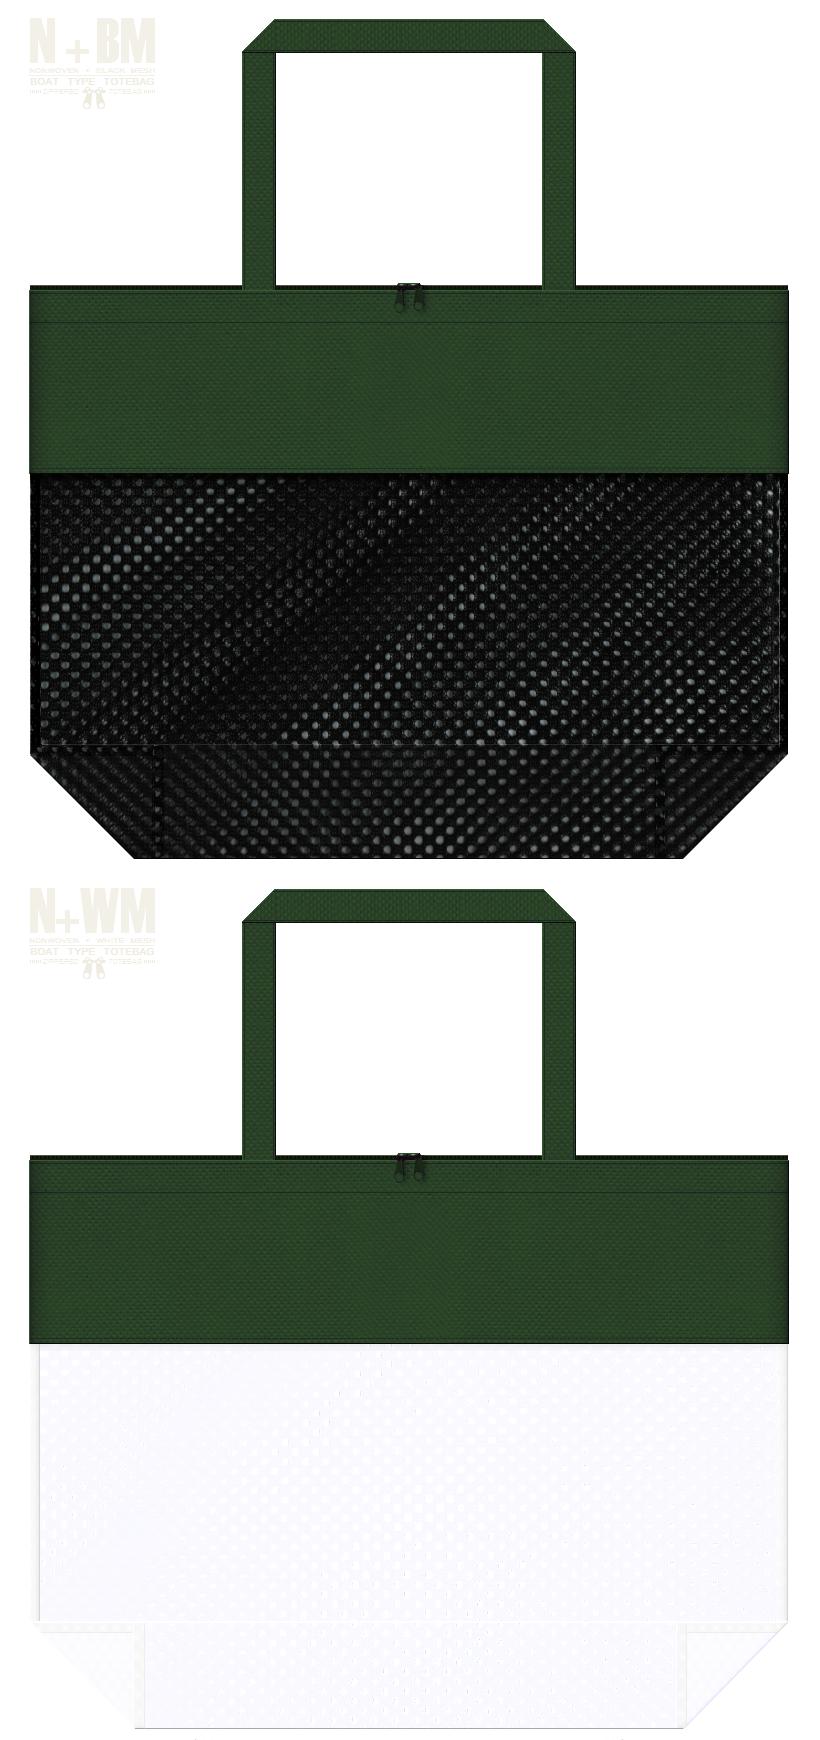 台形型メッシュバッグのカラーシミュレーション:黒色・白色メッシュと濃緑色不織布の組み合わせ